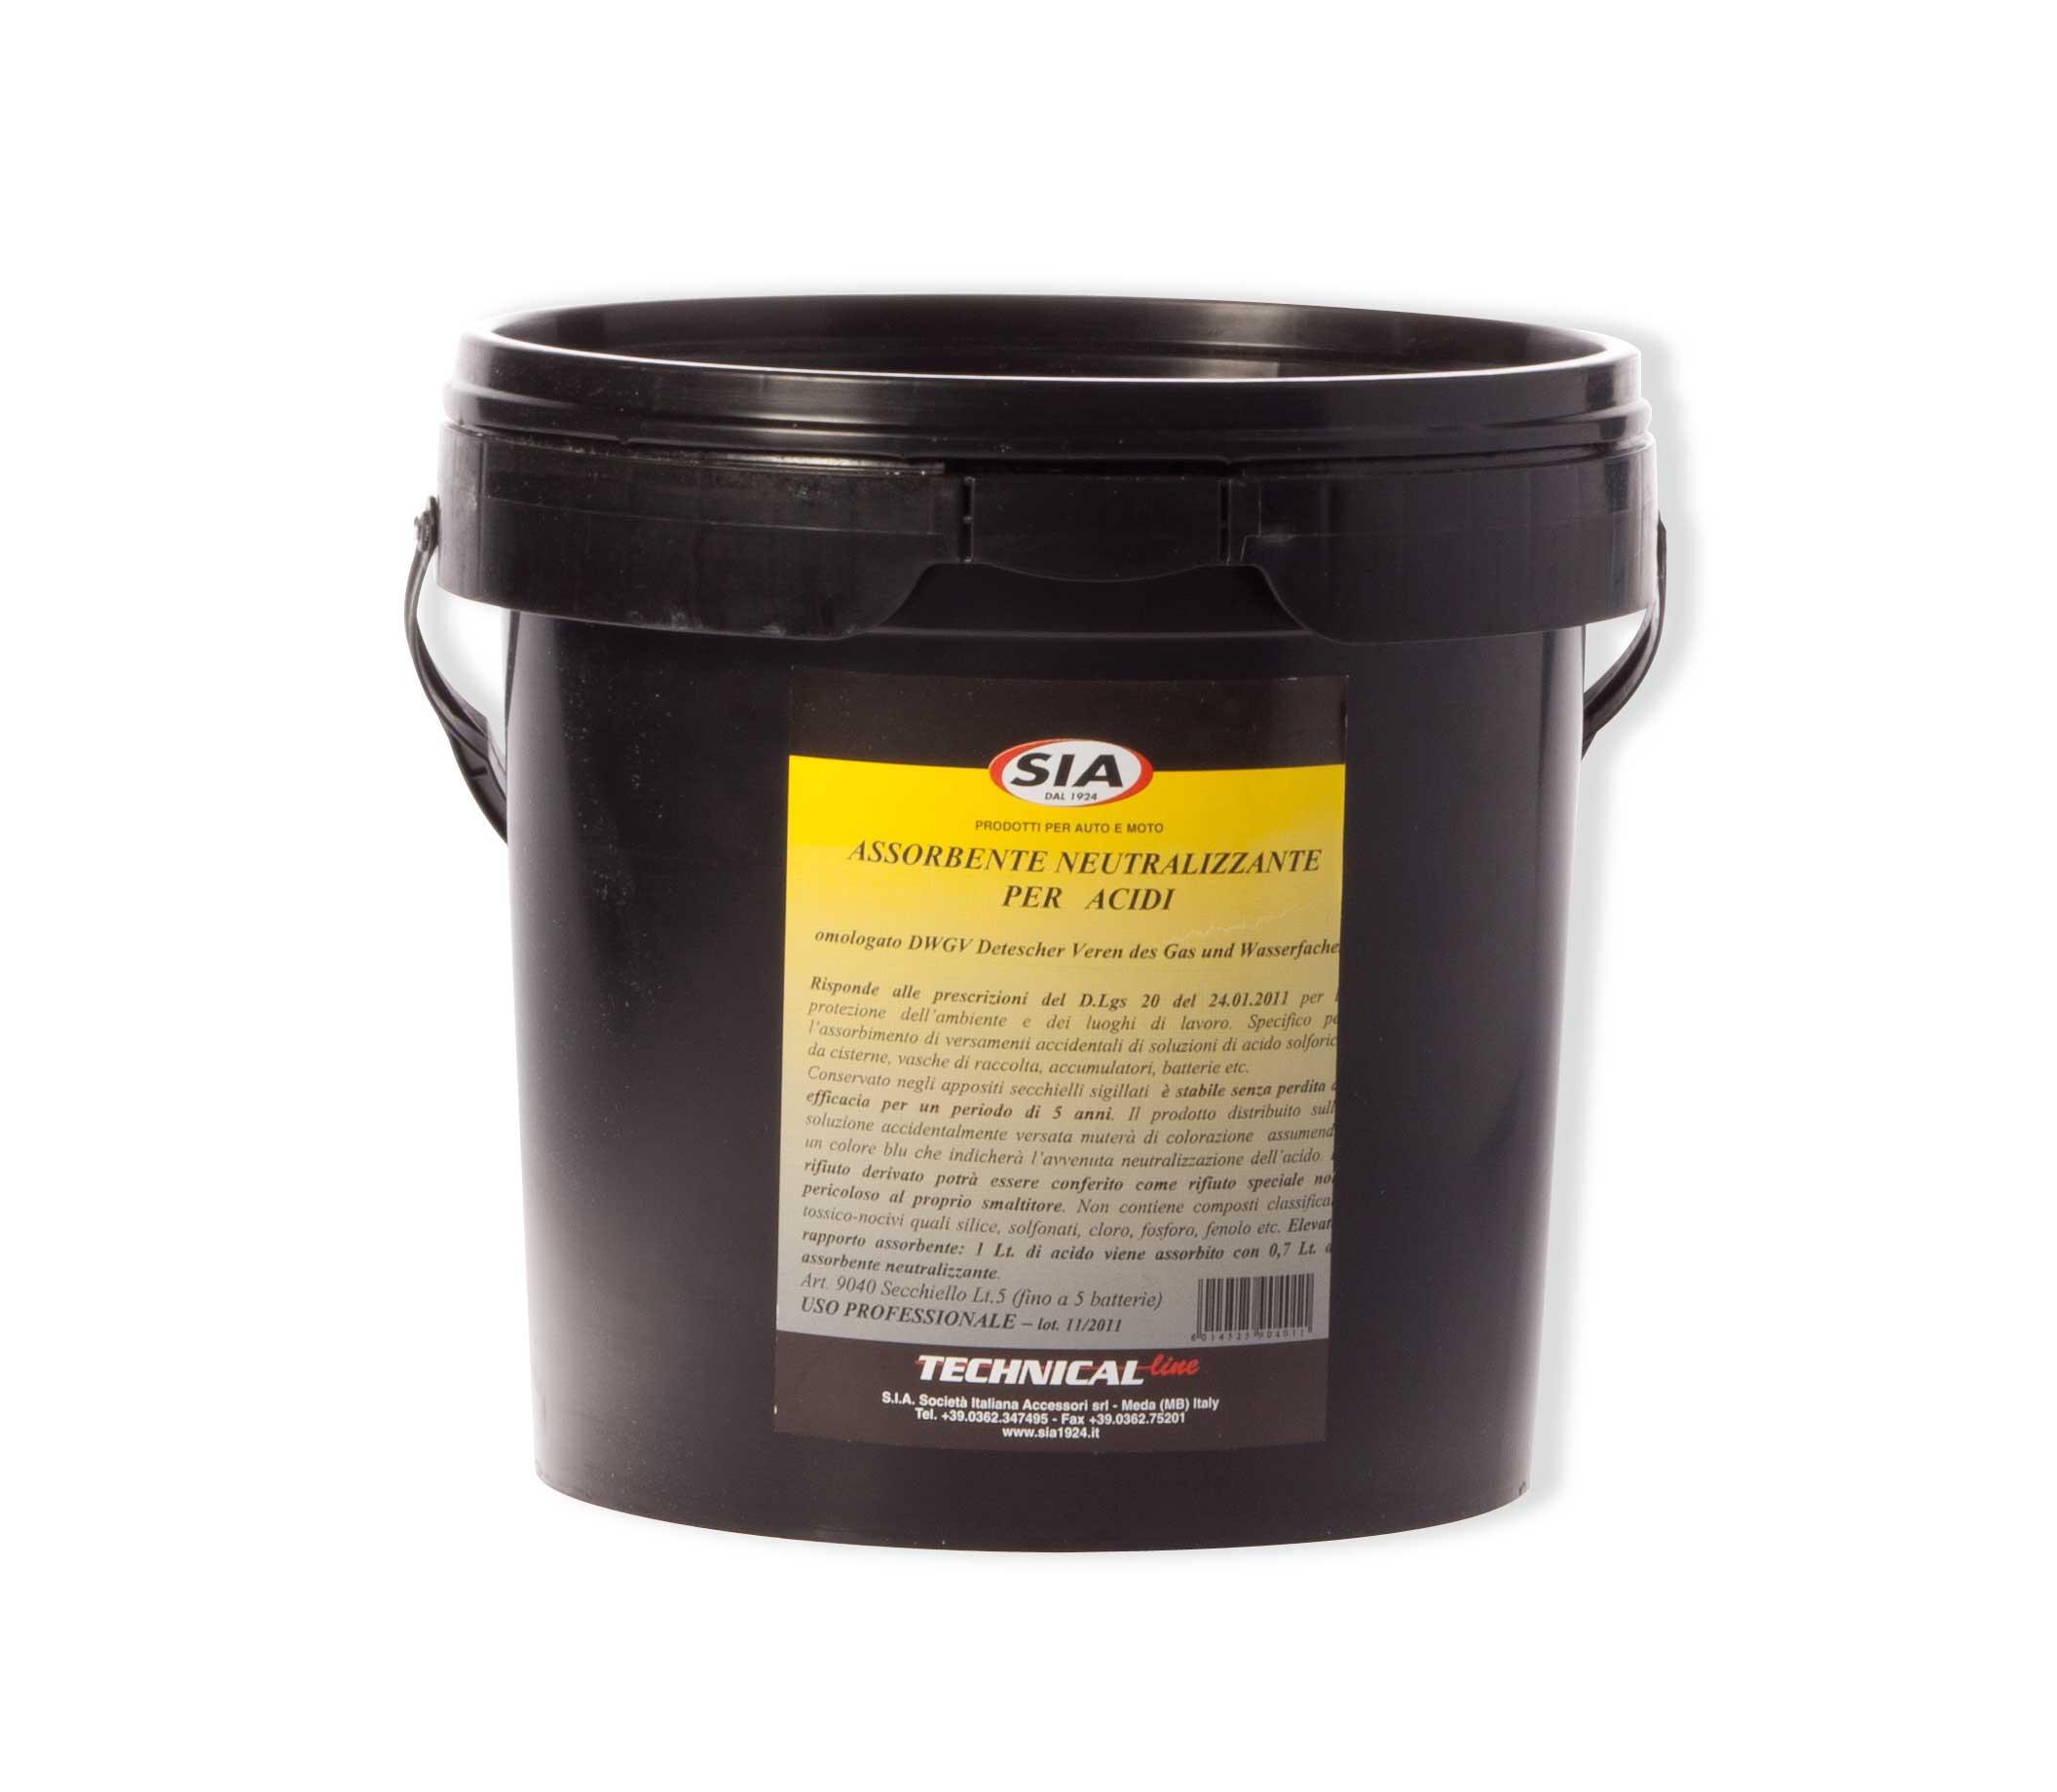 Assorbente neutralizzante acidi 9040